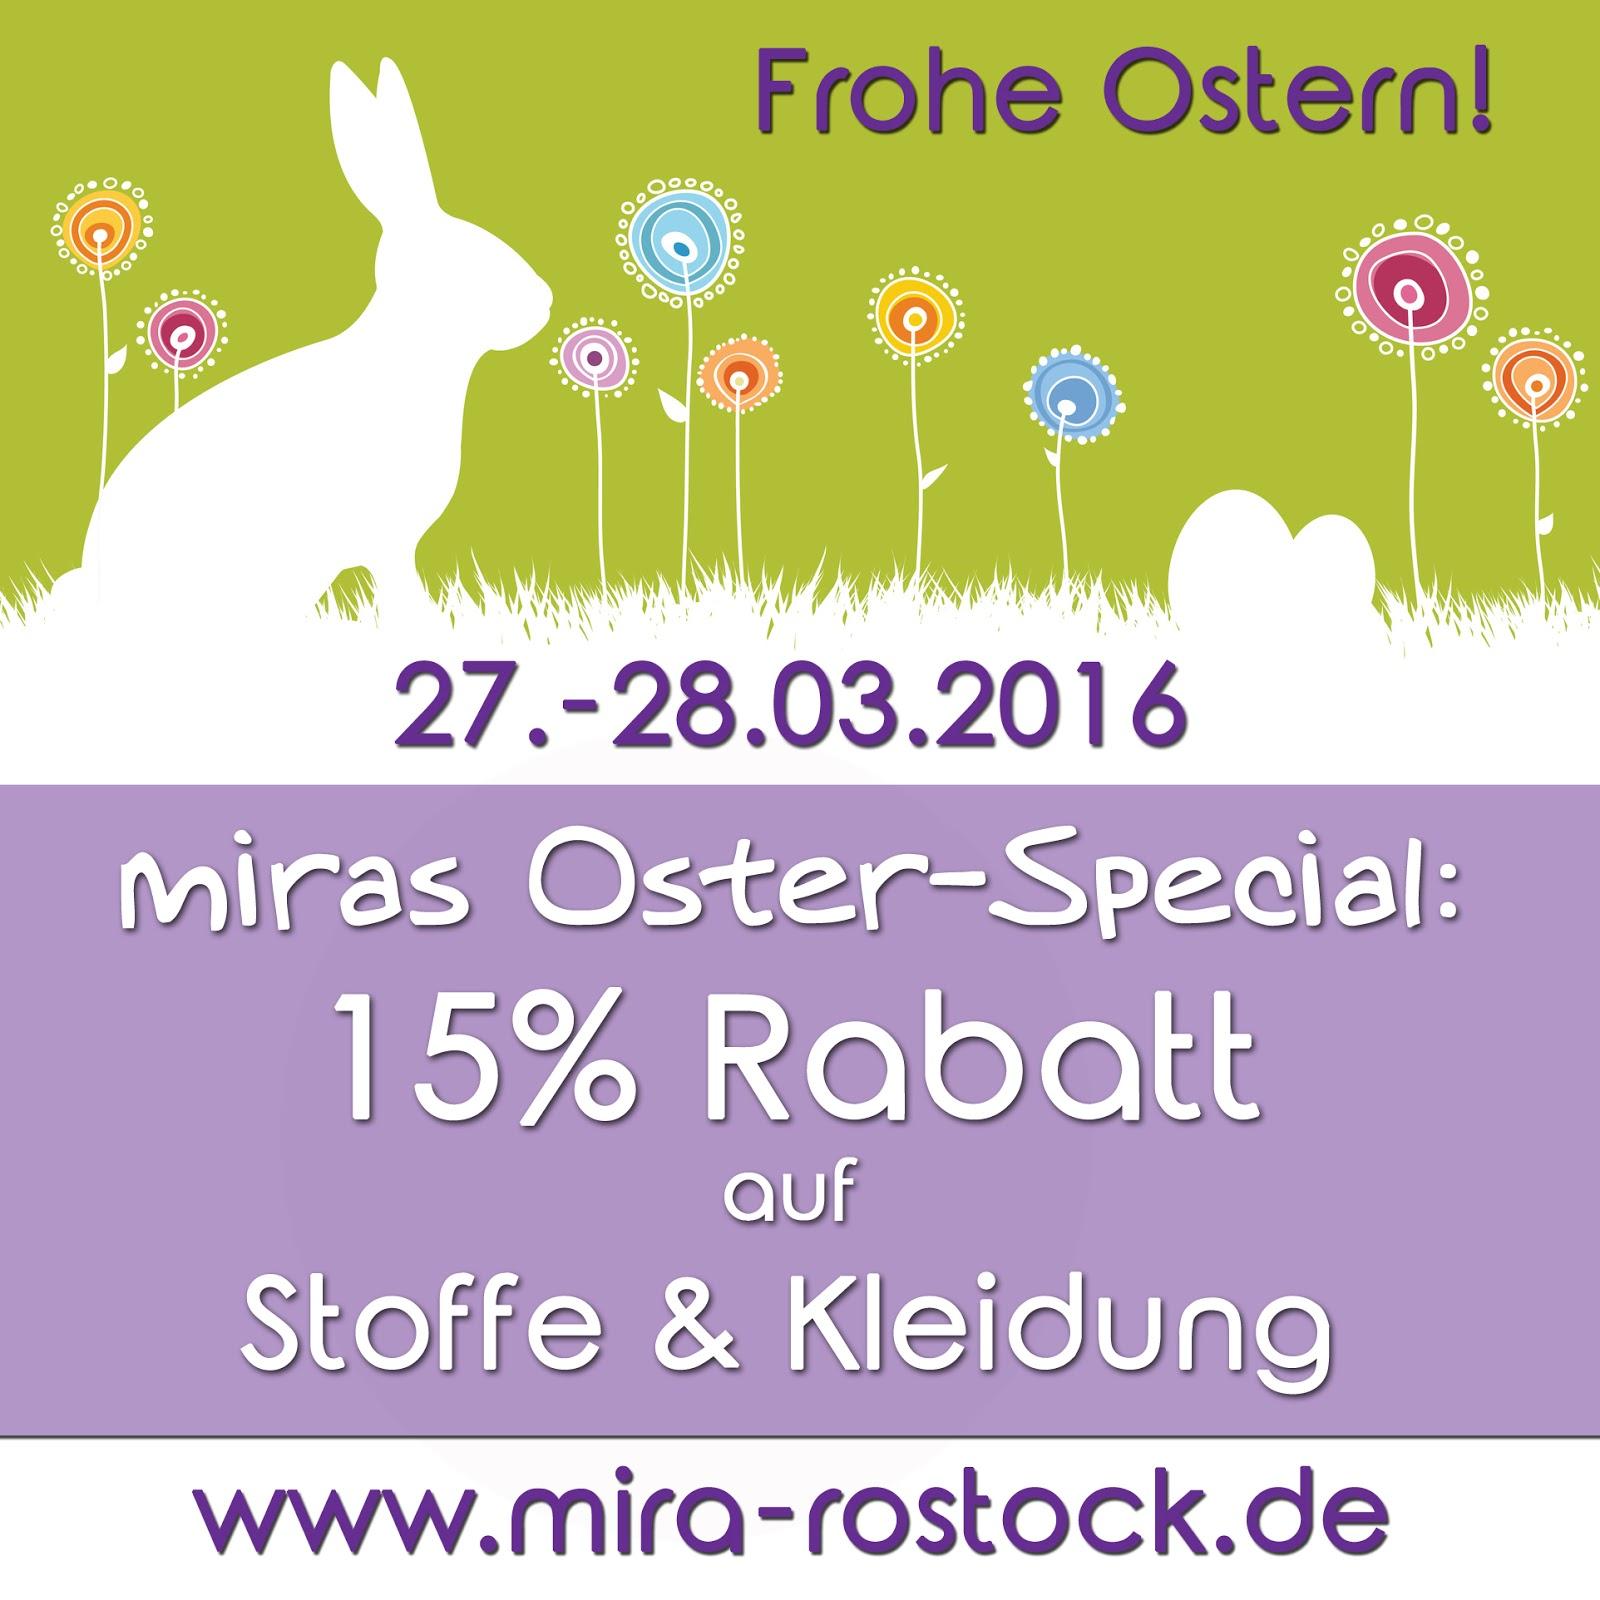 miras Oster-Special: 15% Rabatt auf Stoffe & Kleidung! 1